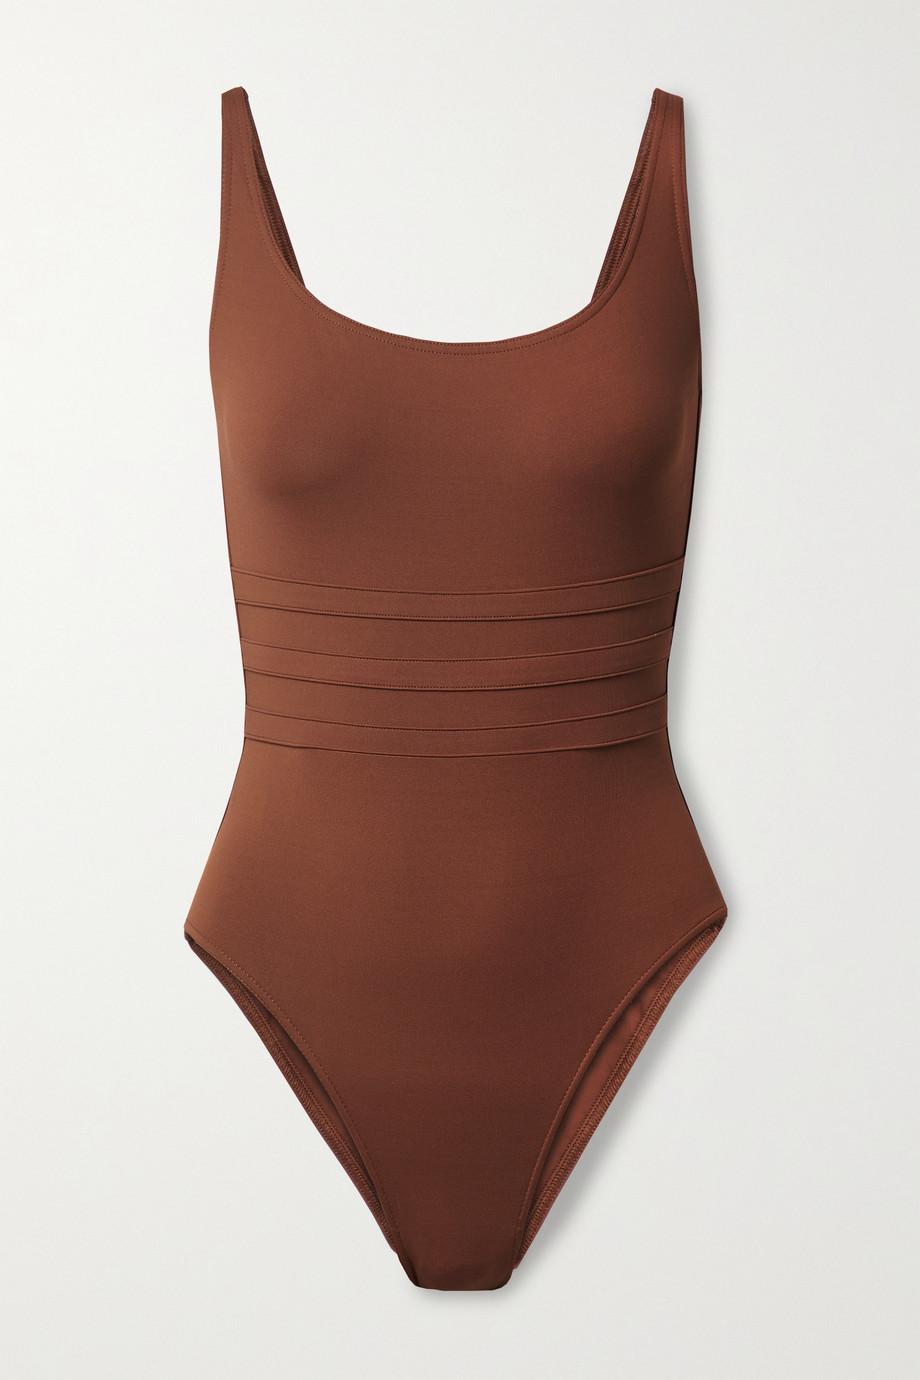 Eres Les Essentials Asia swimsuit